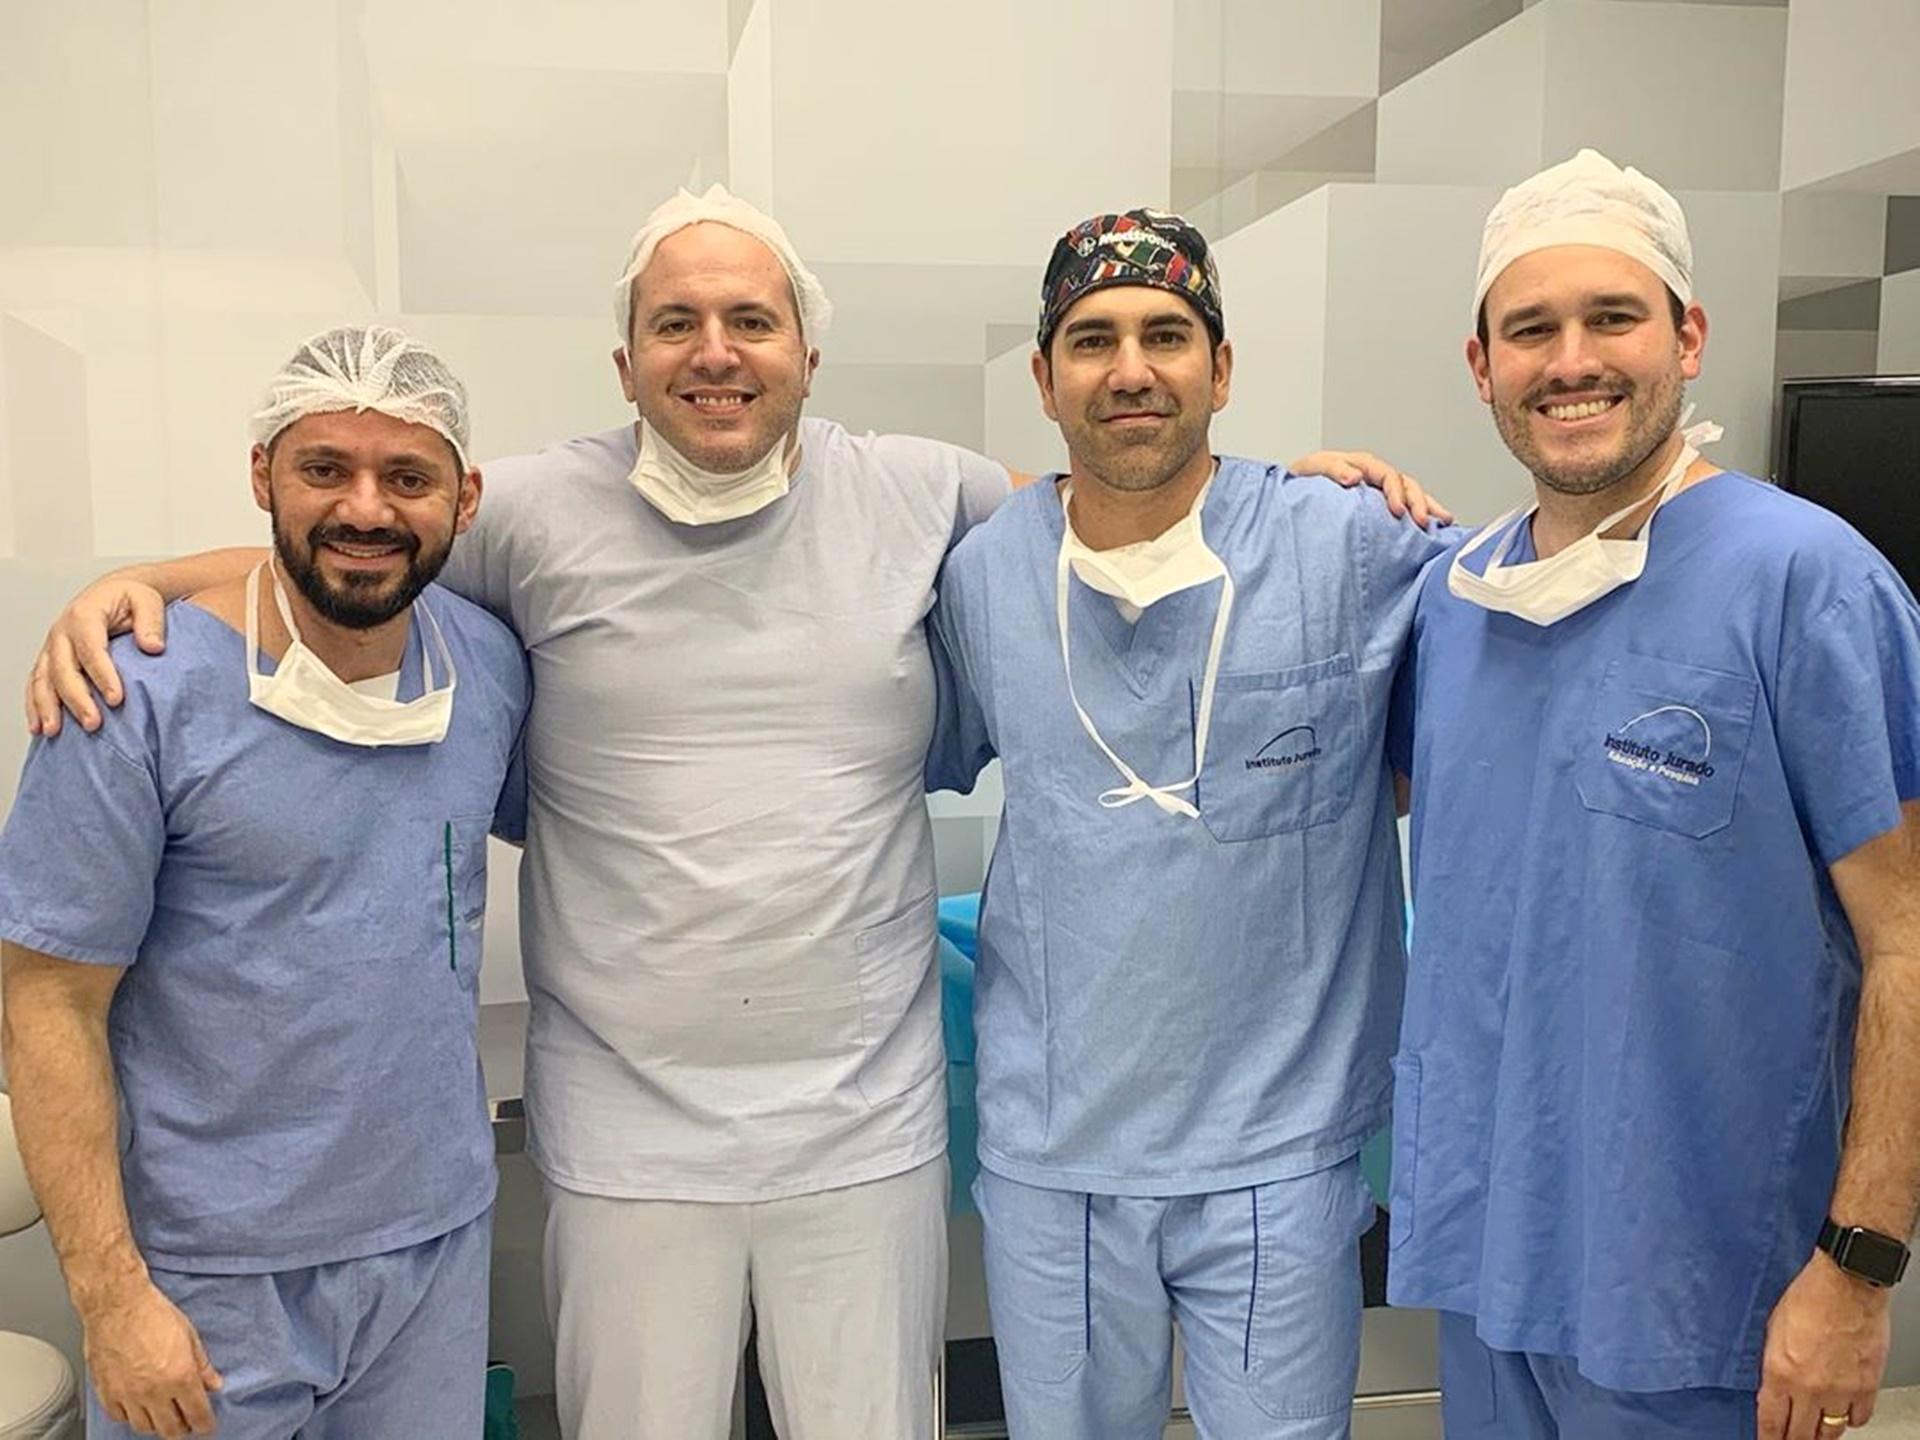 Última cirurgia com esse grupo nota 100